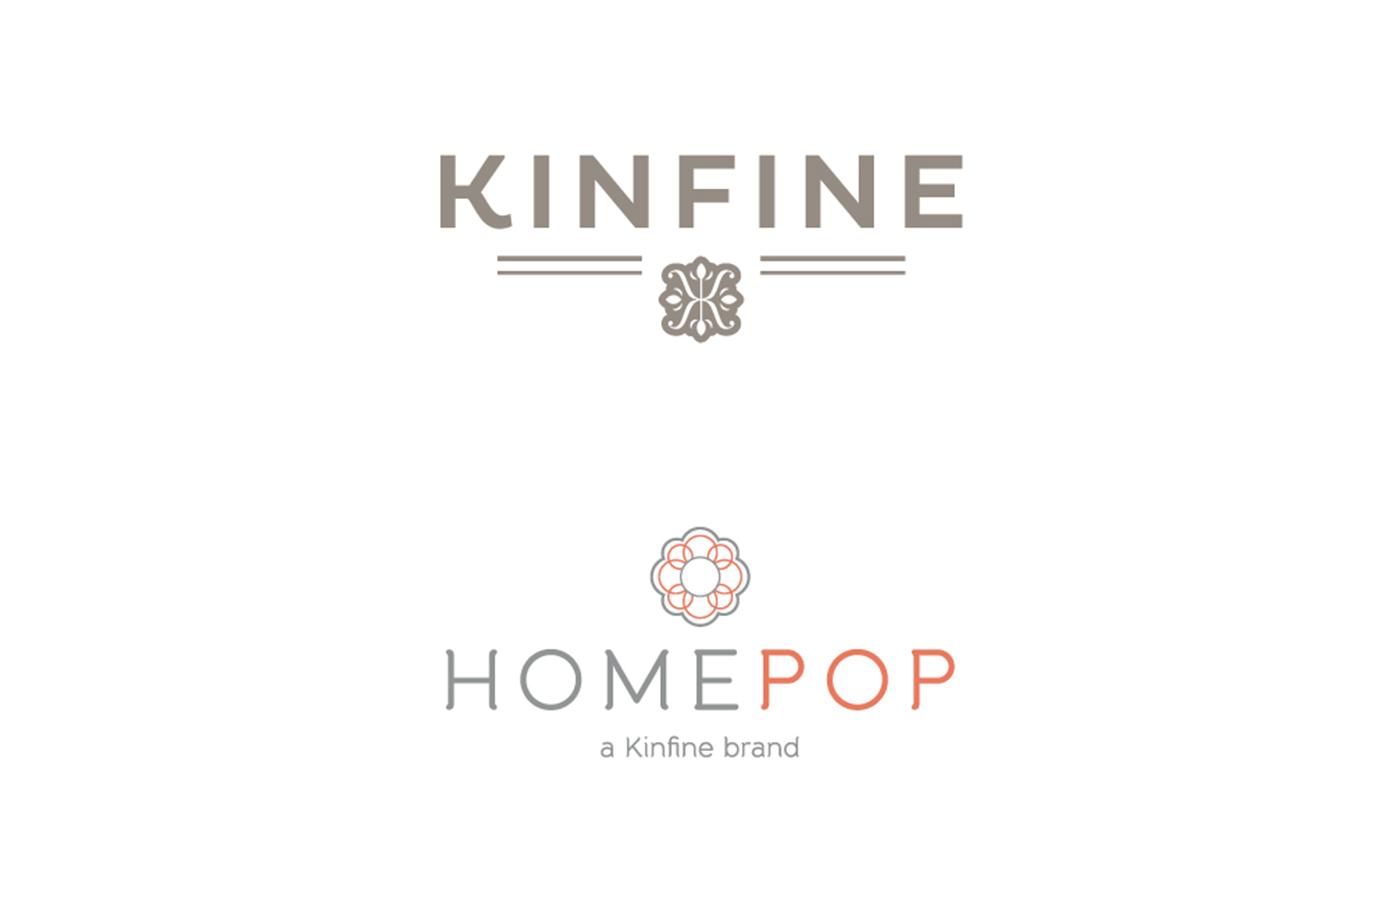 Kinfine-Homepop Logos